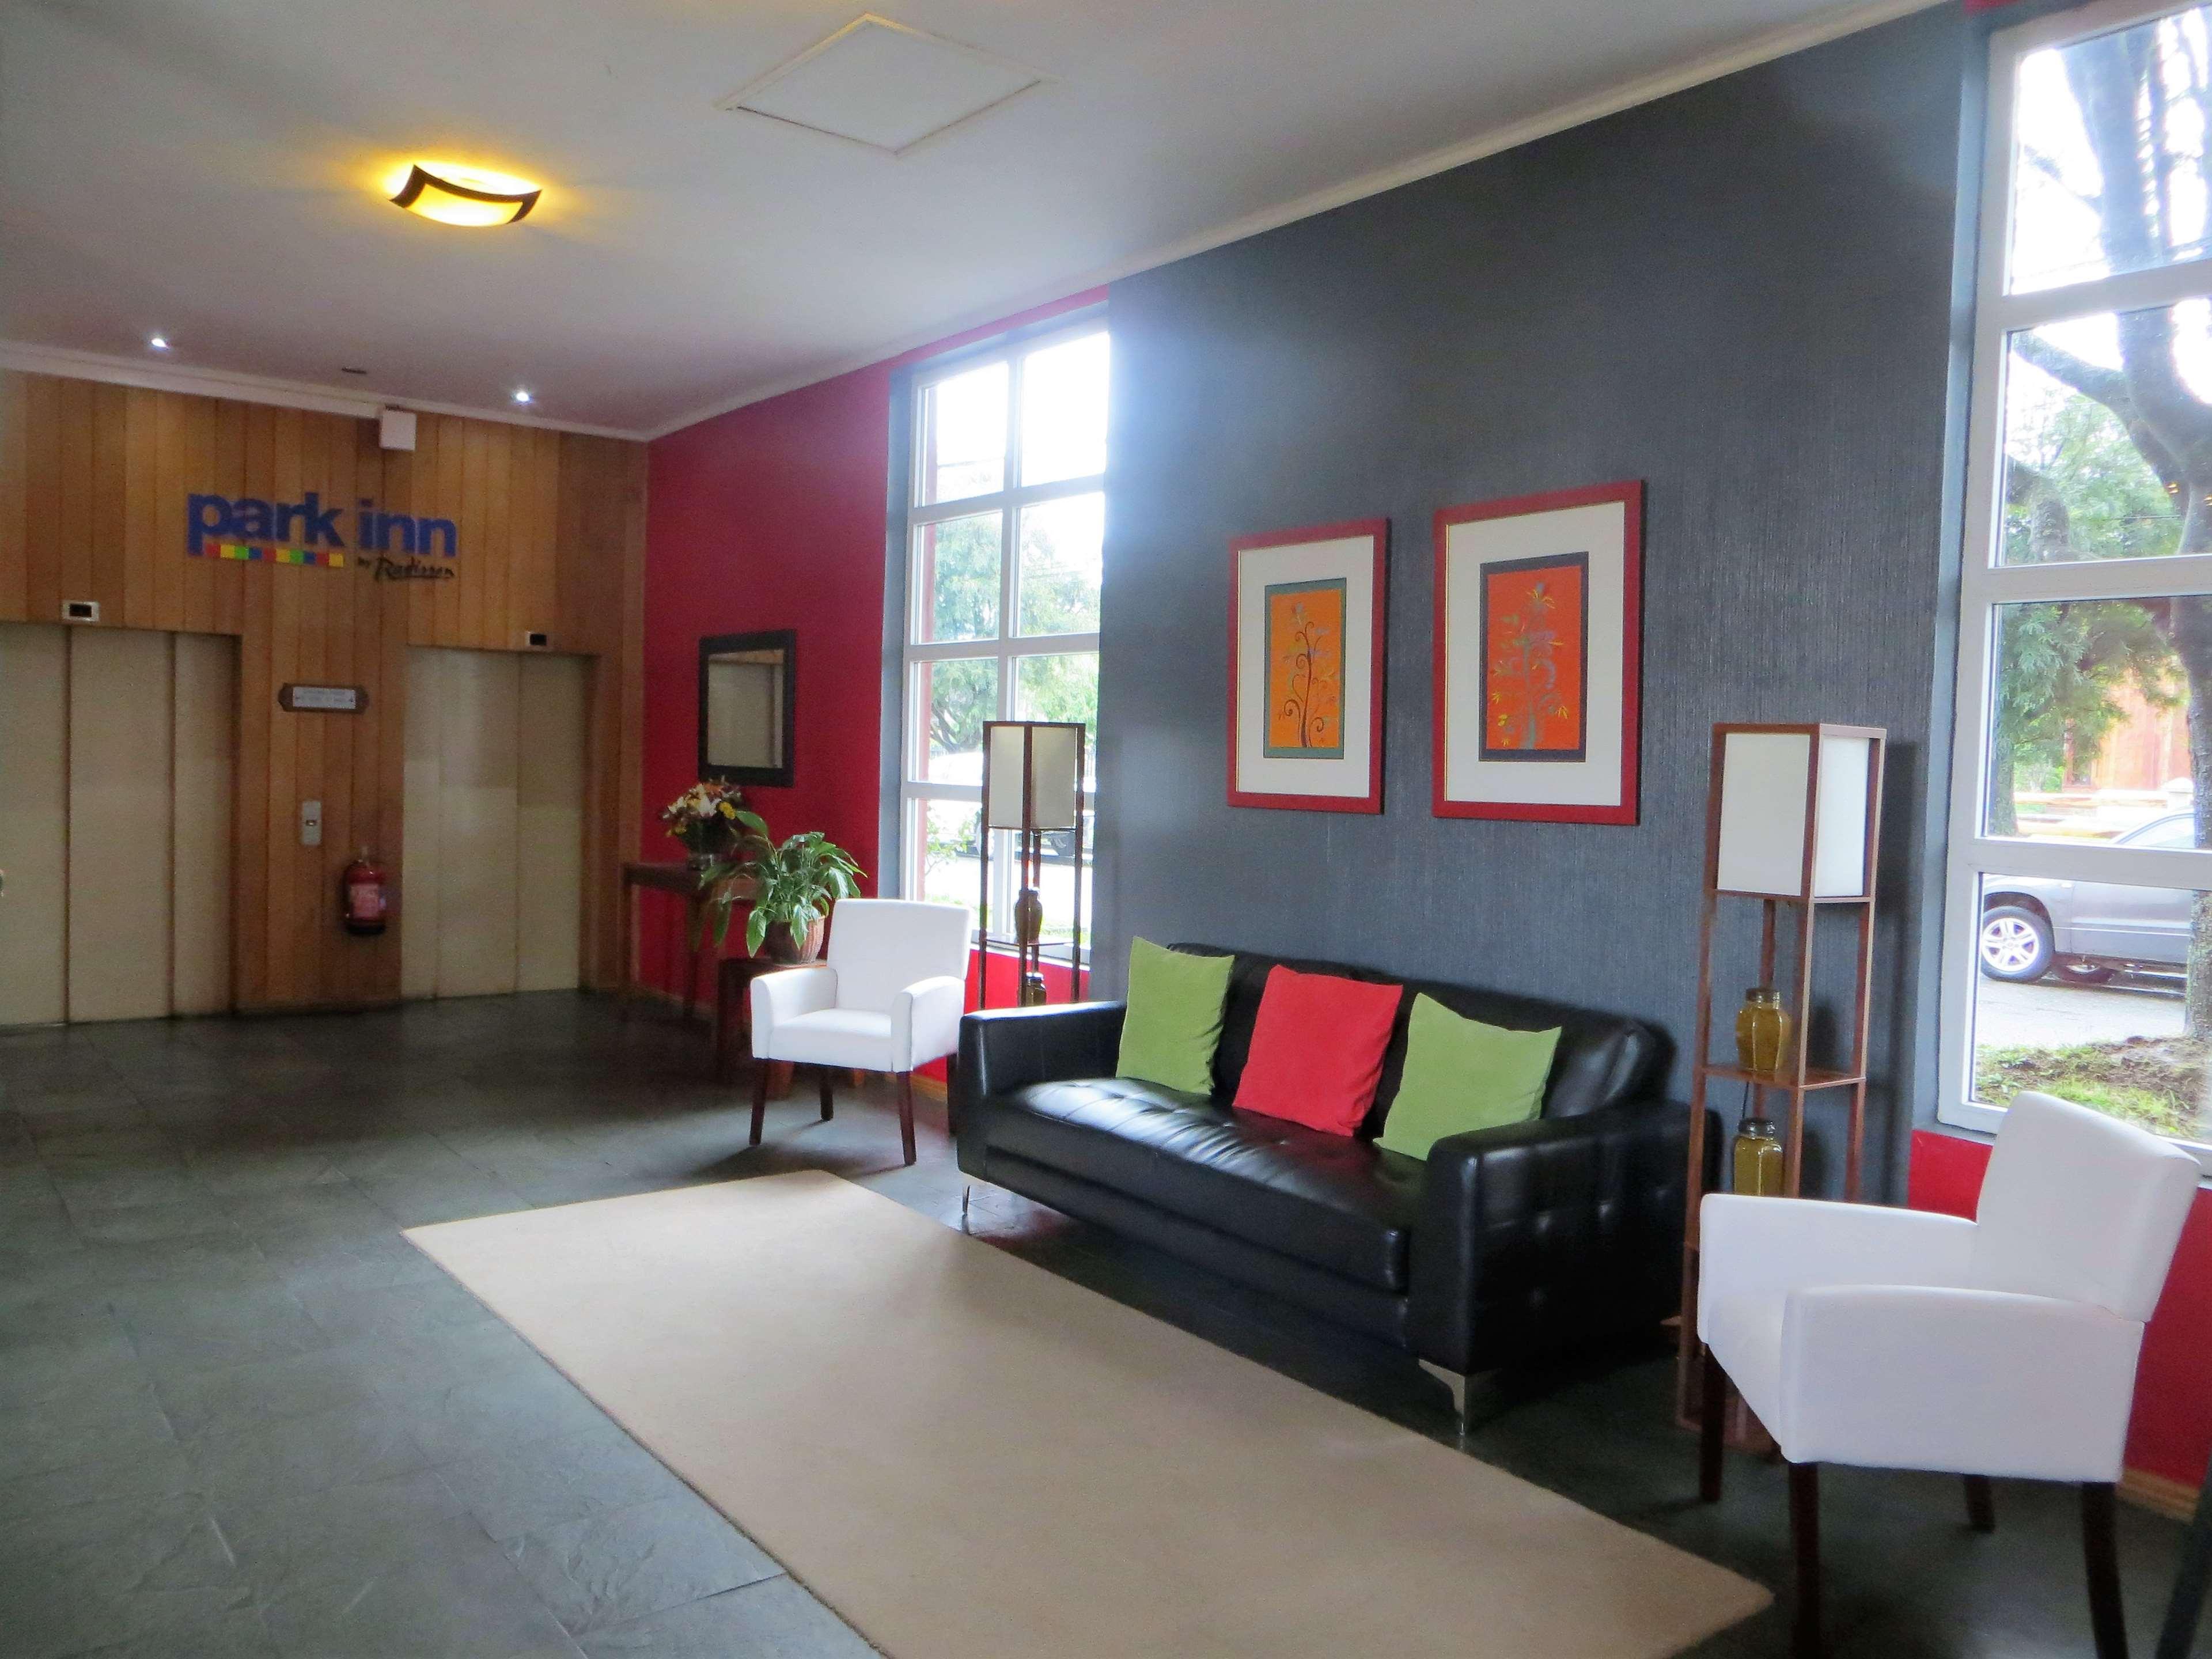 Park Inn by Radisson, Puerto Varas